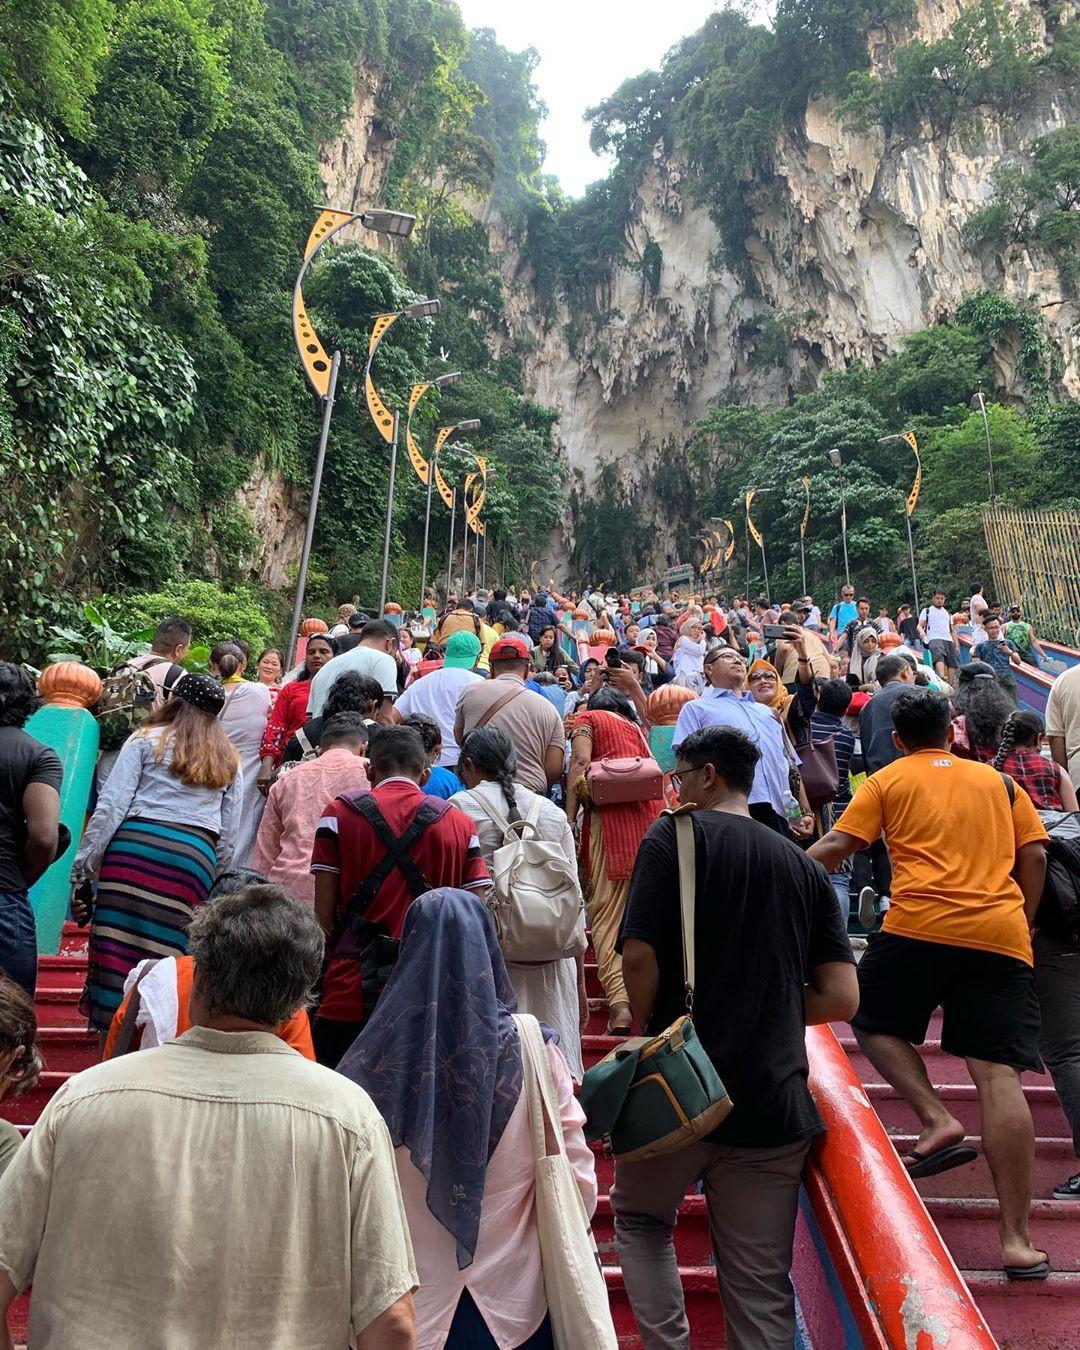 VZN News: Nữ travel blogger chia sẻ bí kíp sống ảo tại động Batu nổi tiếng để lúc đi vắng người, khi về thì hốt trọn ảnh xinh - Ảnh 2.